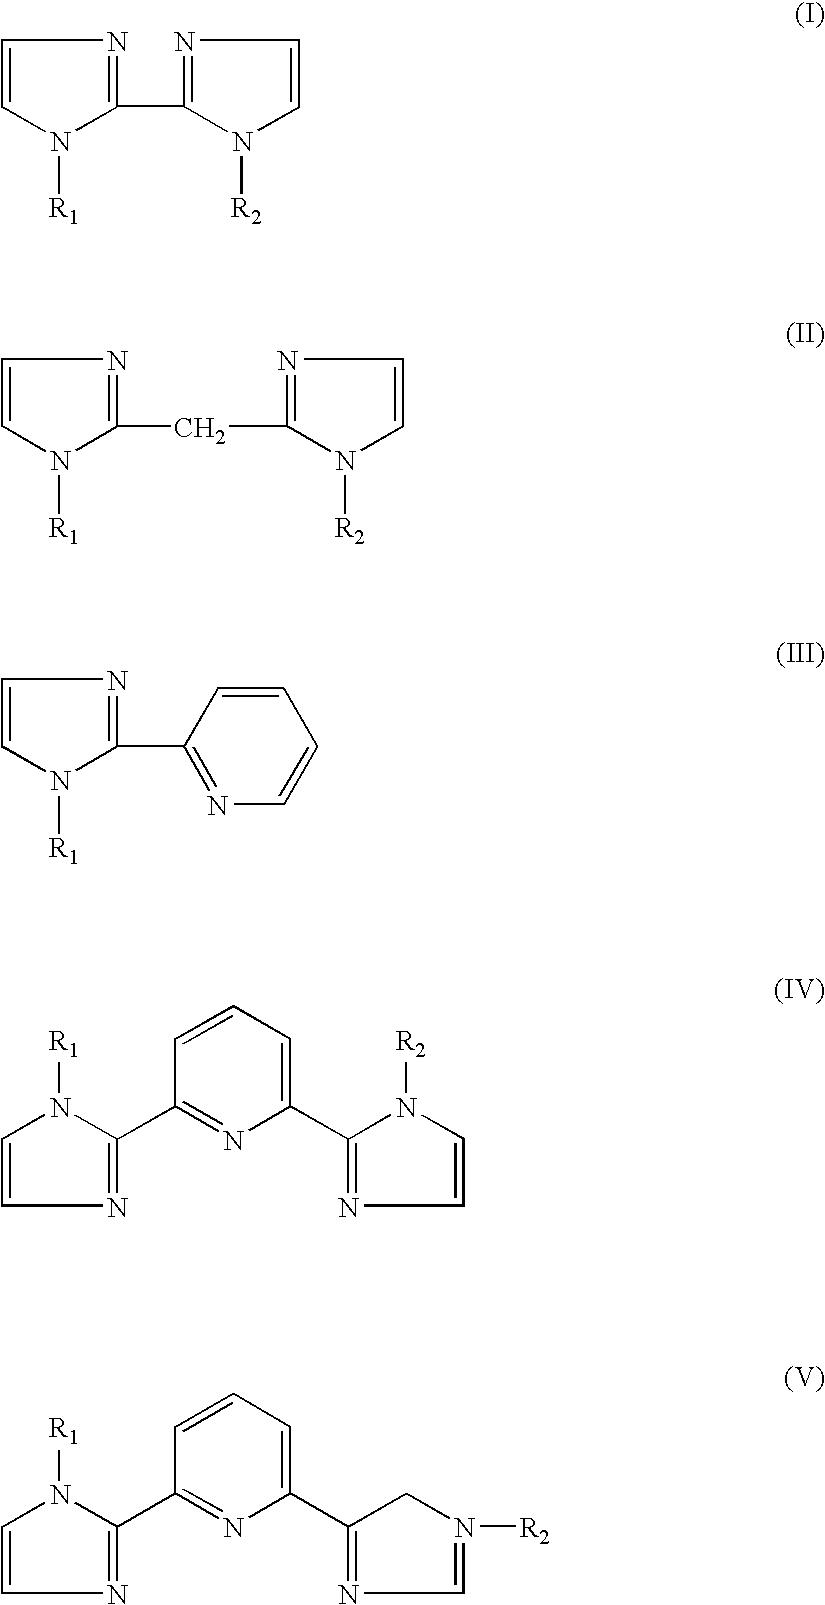 Figure US20100081152A1-20100401-C00001